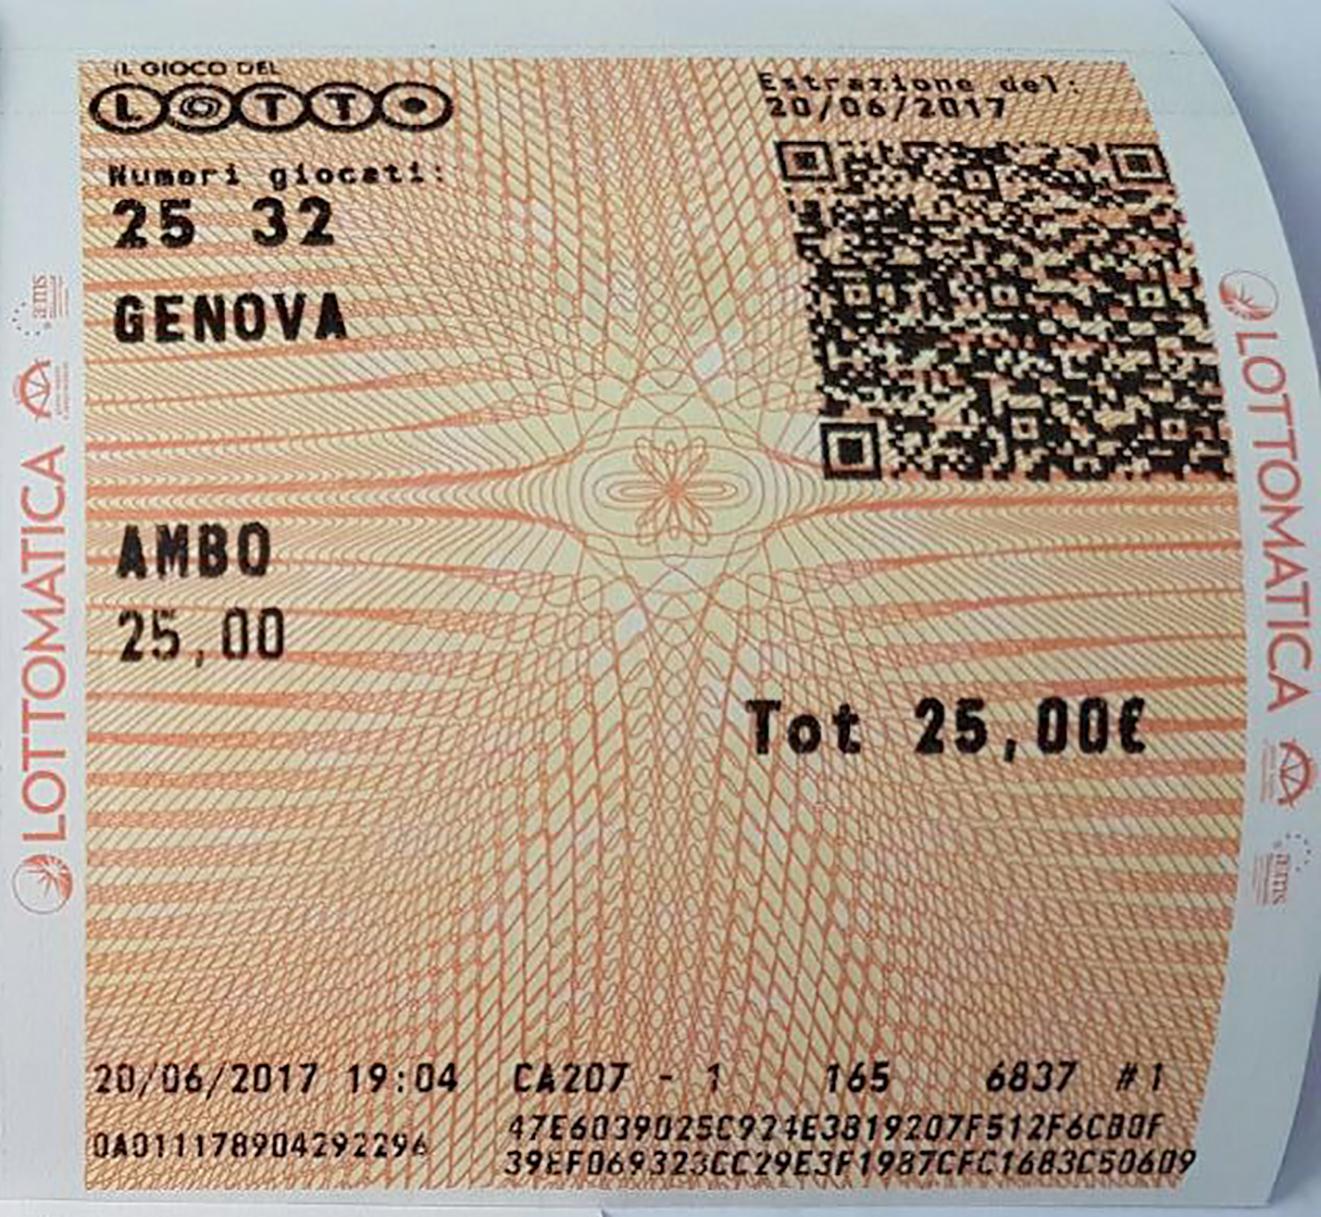 Lottomatica Calcolo Vincite 10 E Lotto Casa Da Vinci Desio